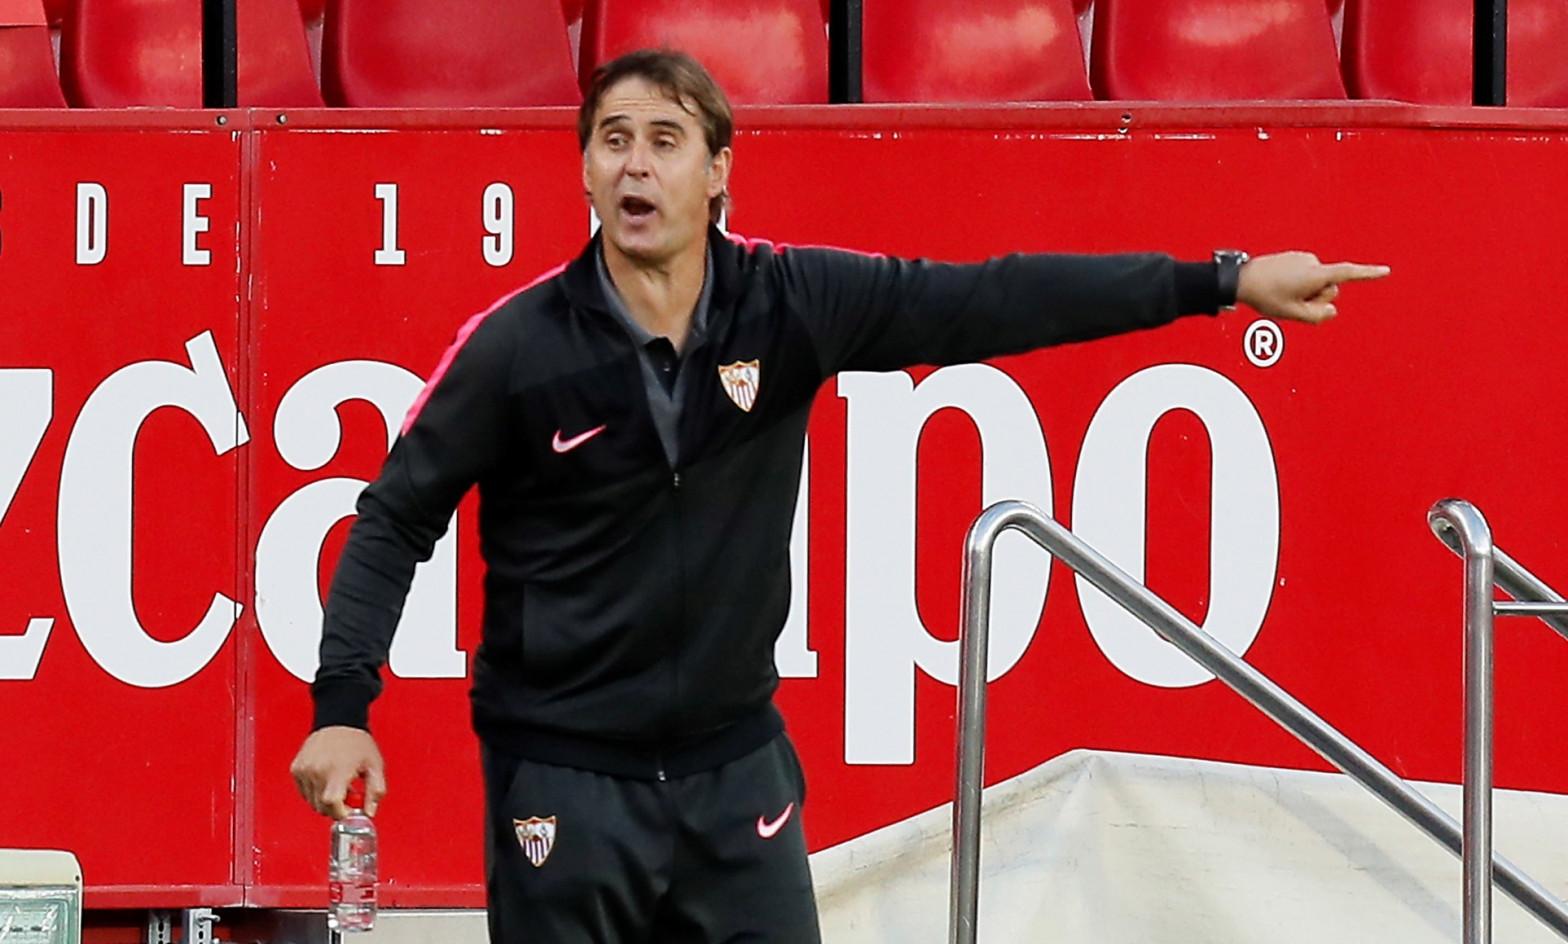 El trabajo de Lopetegui permite al Sevilla aspirar a La Liga